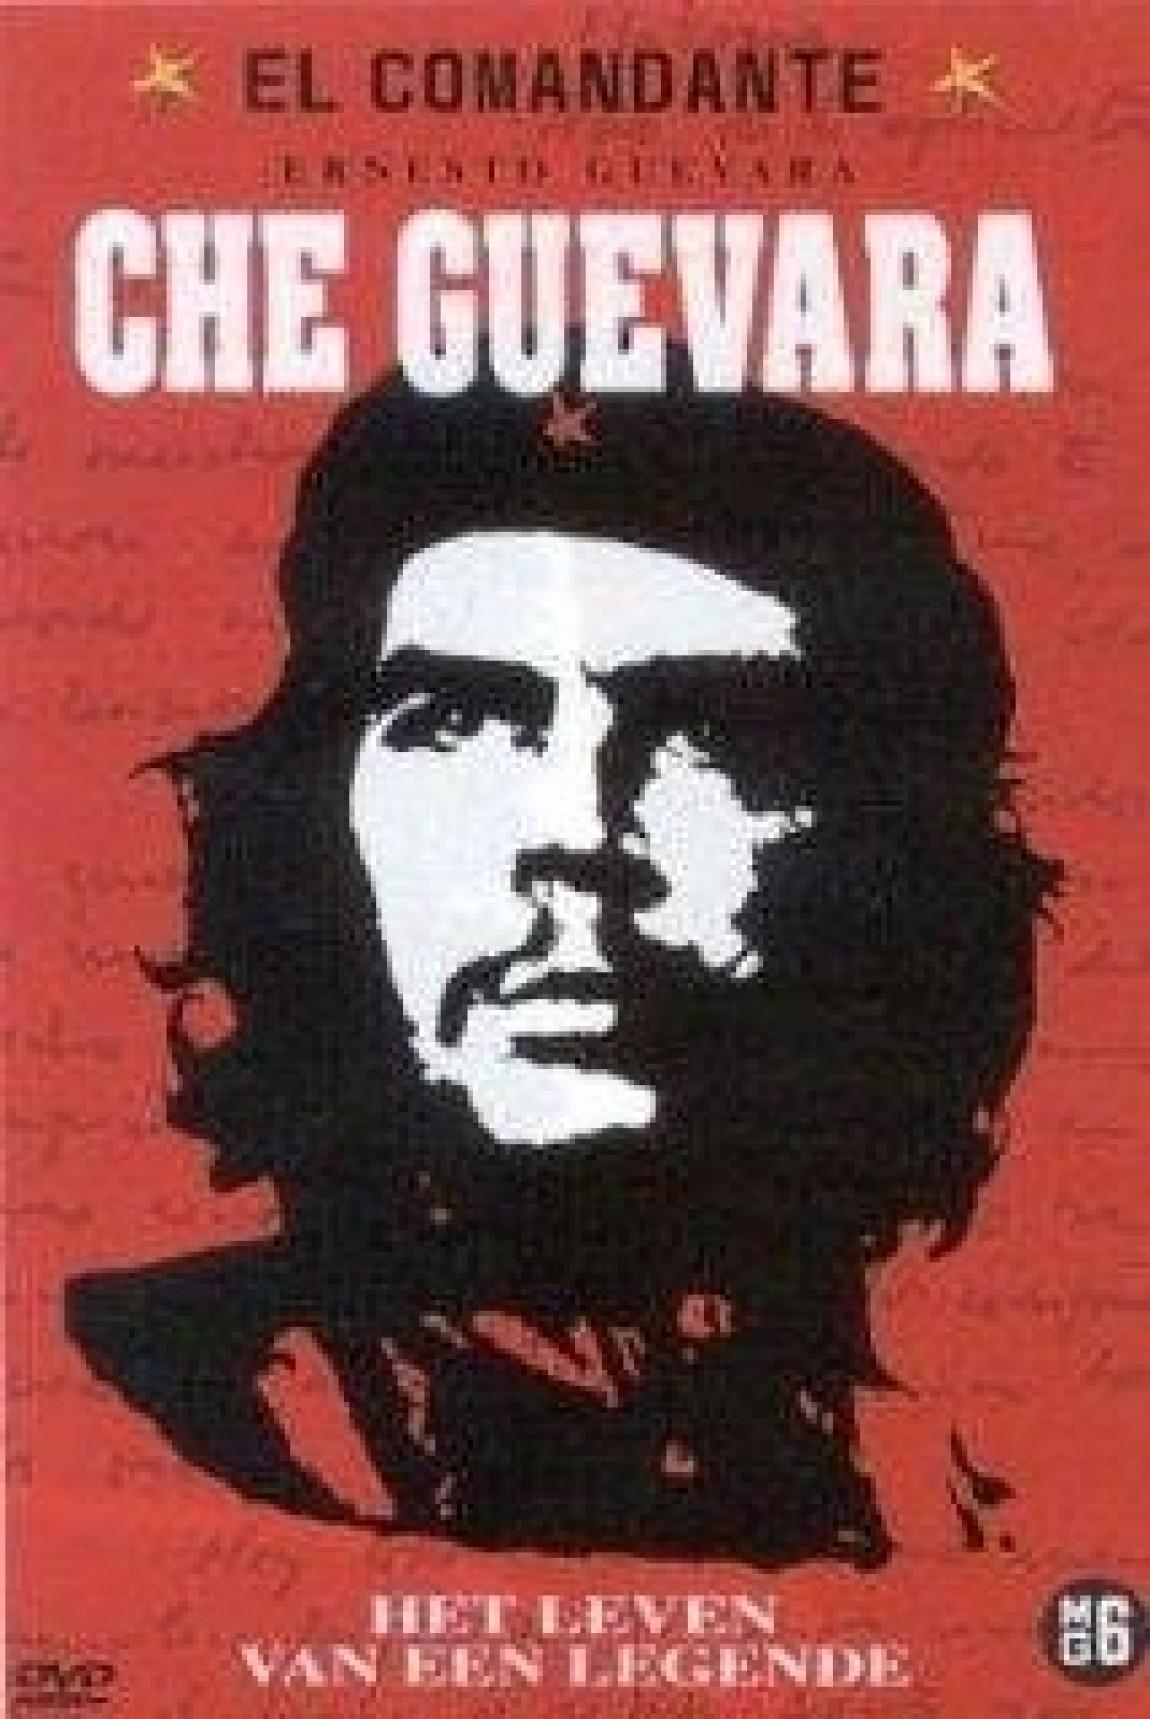 El Che 3